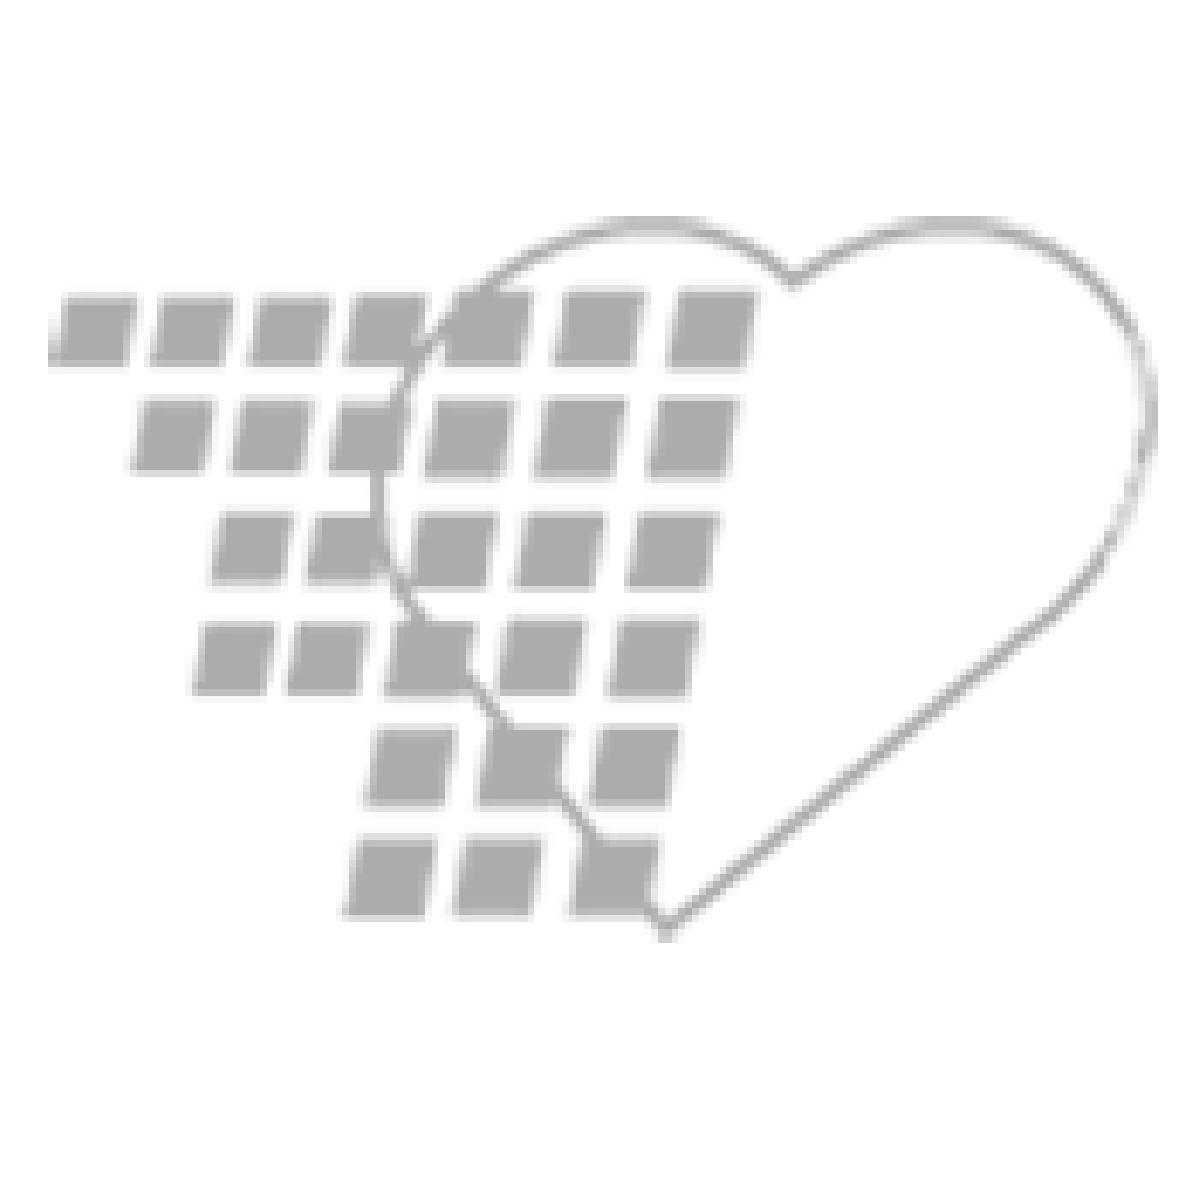 11-99-1006 - Nasco Replacement Blood Pressure Cuff